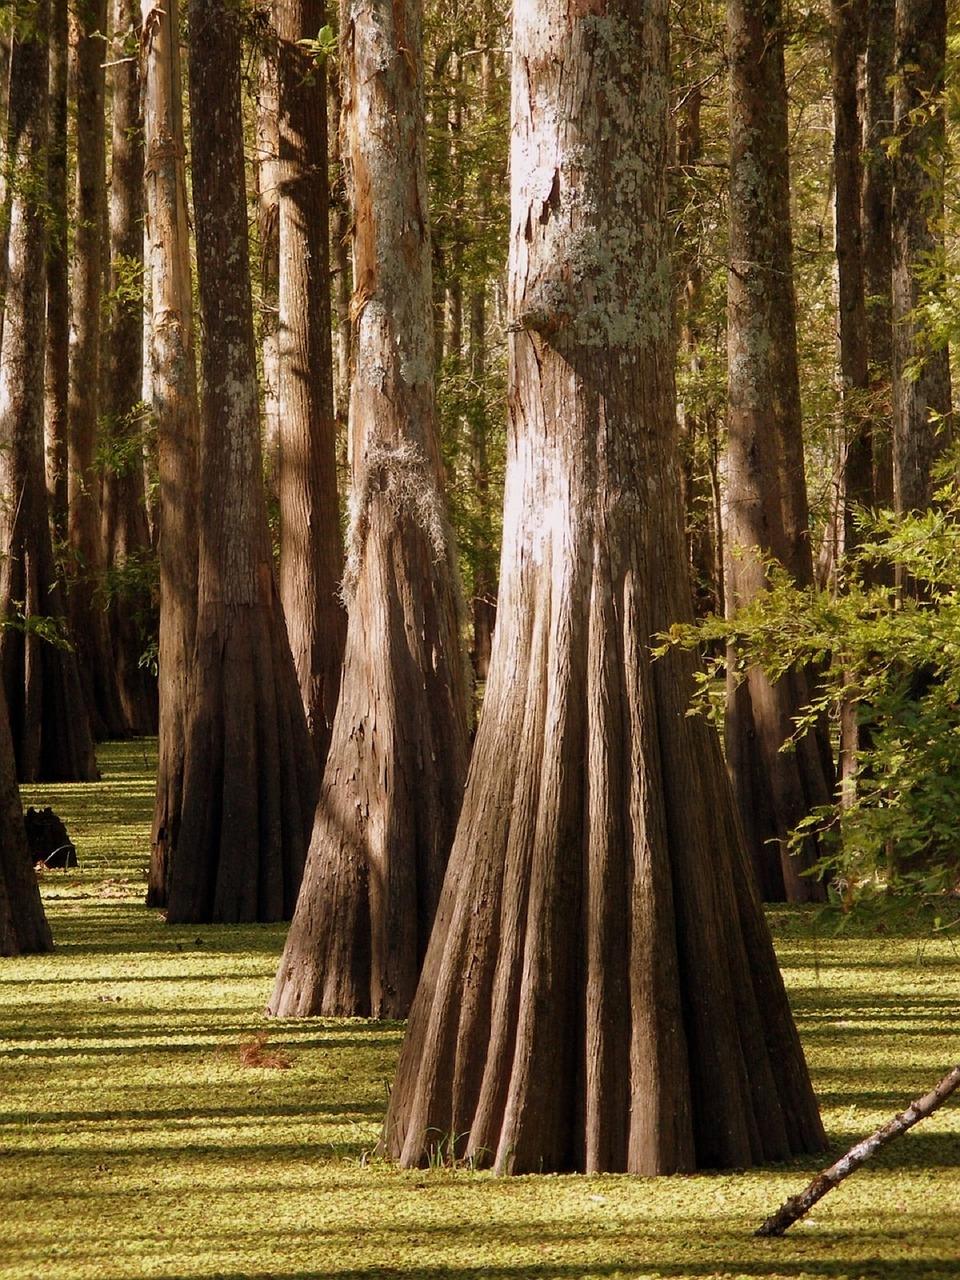 trees-852283_1280